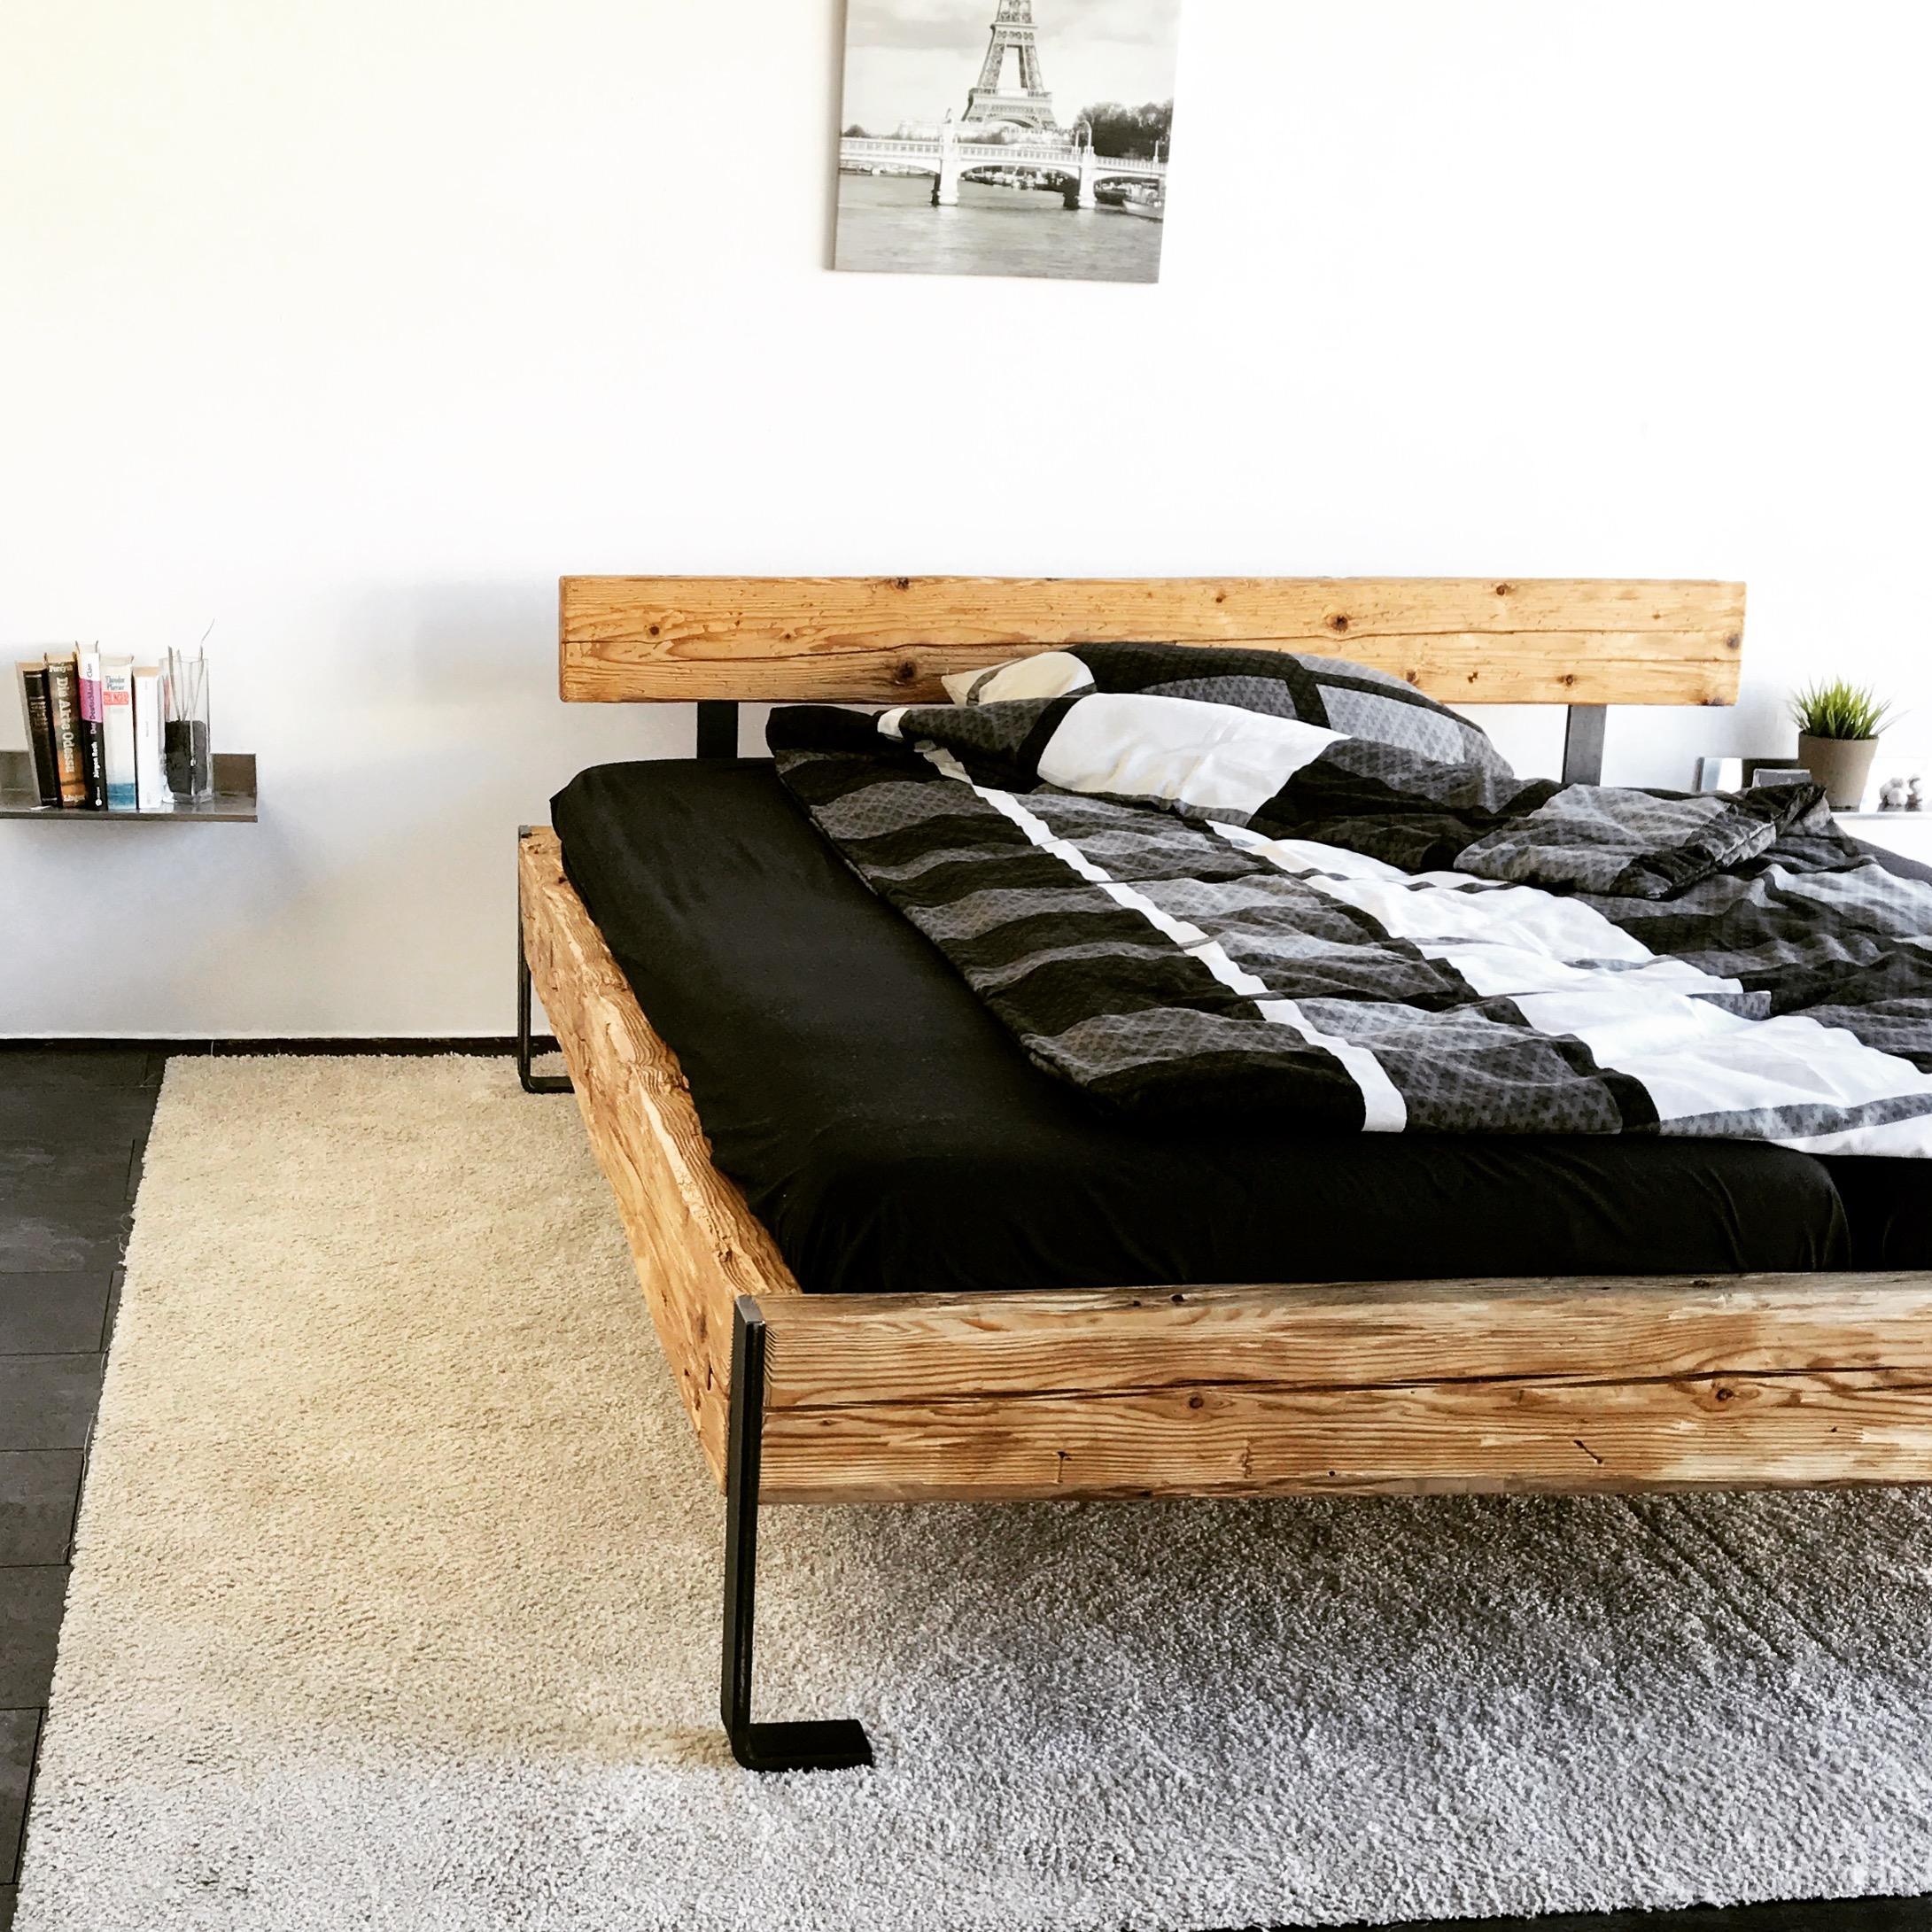 Emejing Gestaltung Schlafzimmer Platz Bett Gallery - Amazing Home ...